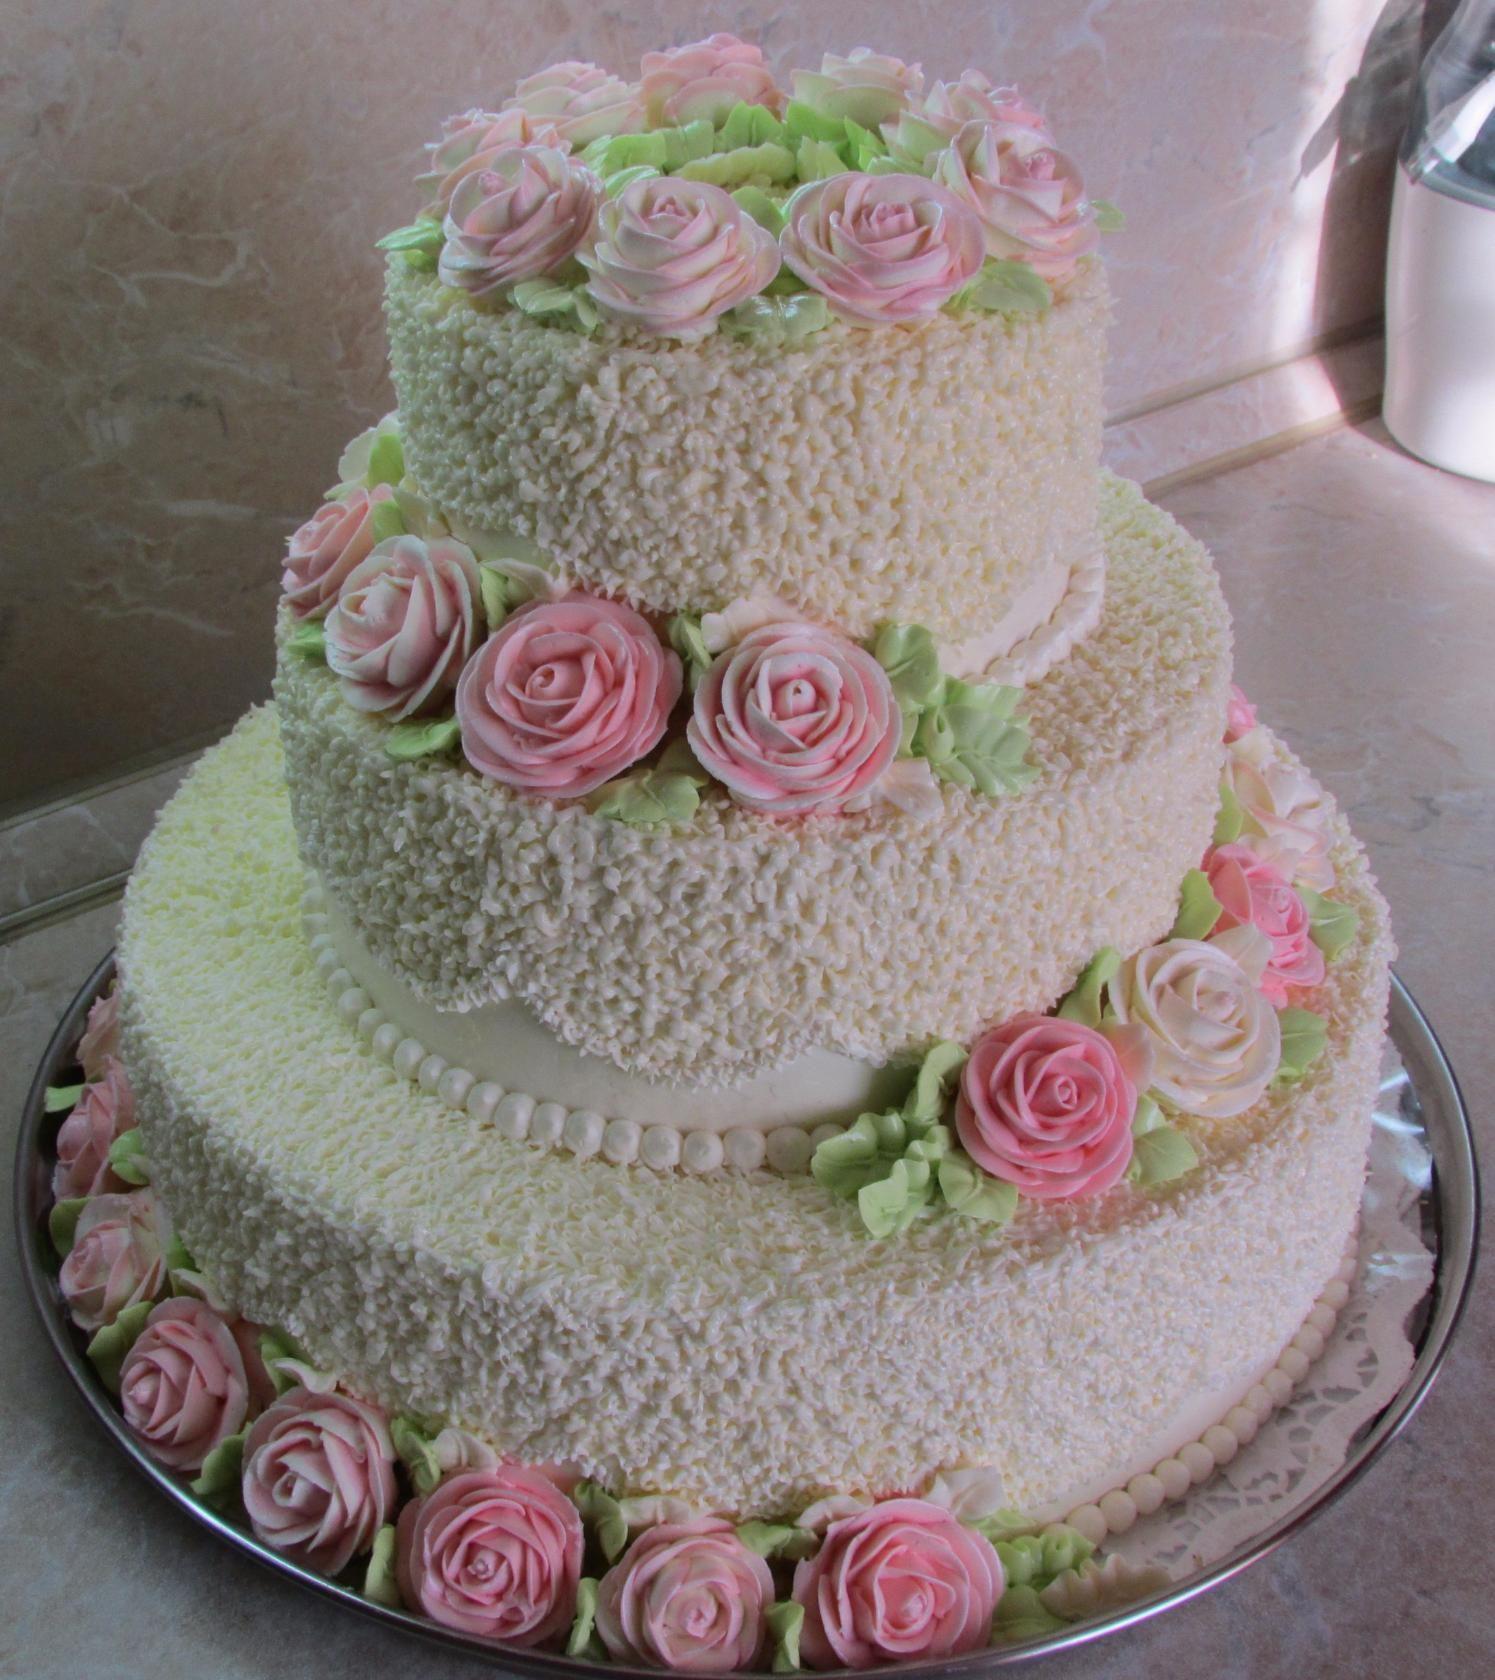 свадебный торт масляный крем картинки меняется, когда его